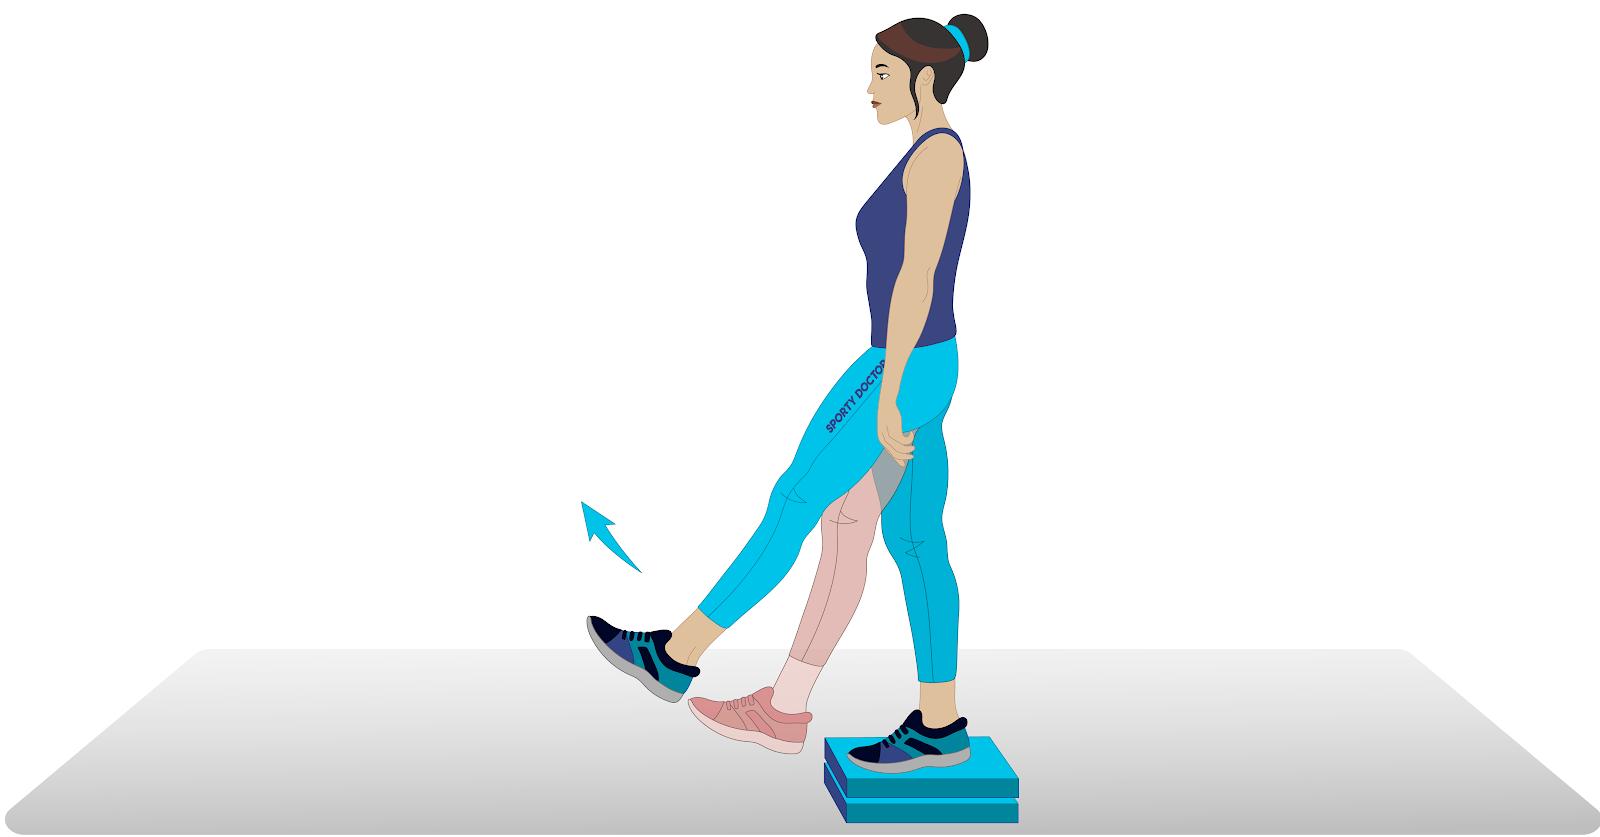 6 Estiramiento de cadera efectivo para caderas tensas y dolor de cadera 4